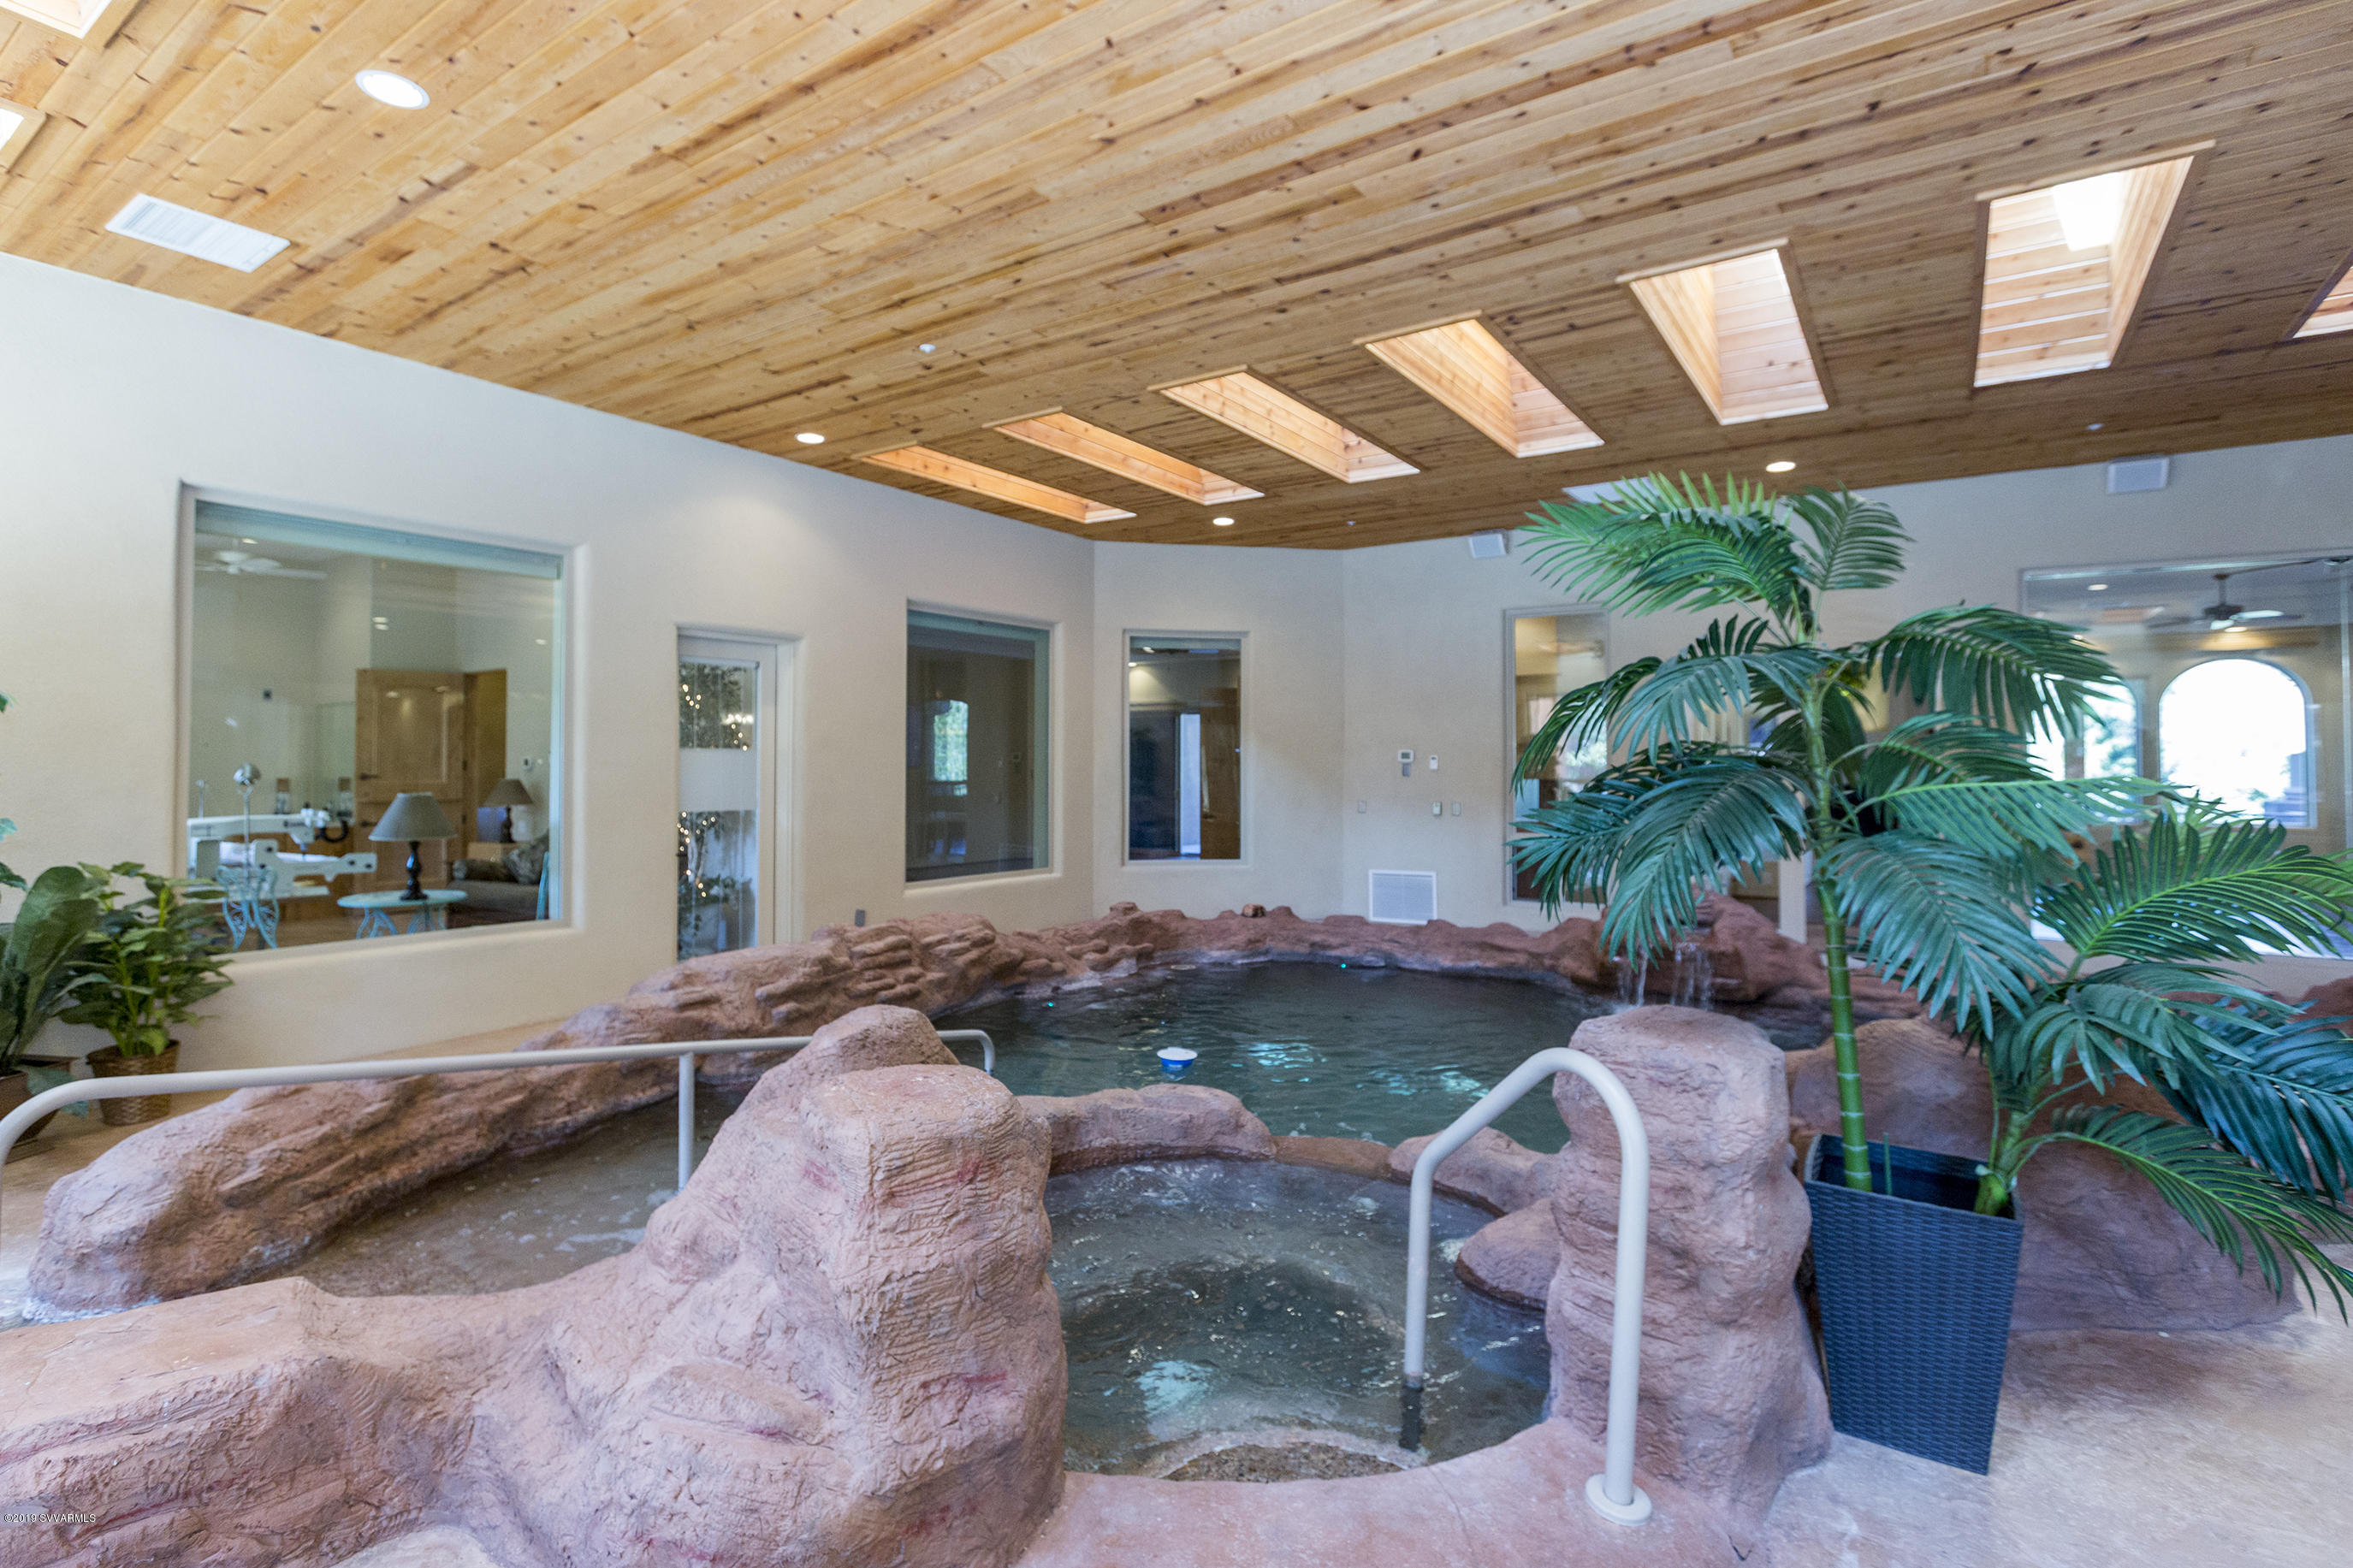 70 Granite Mountain Rd Sedona, AZ 86351